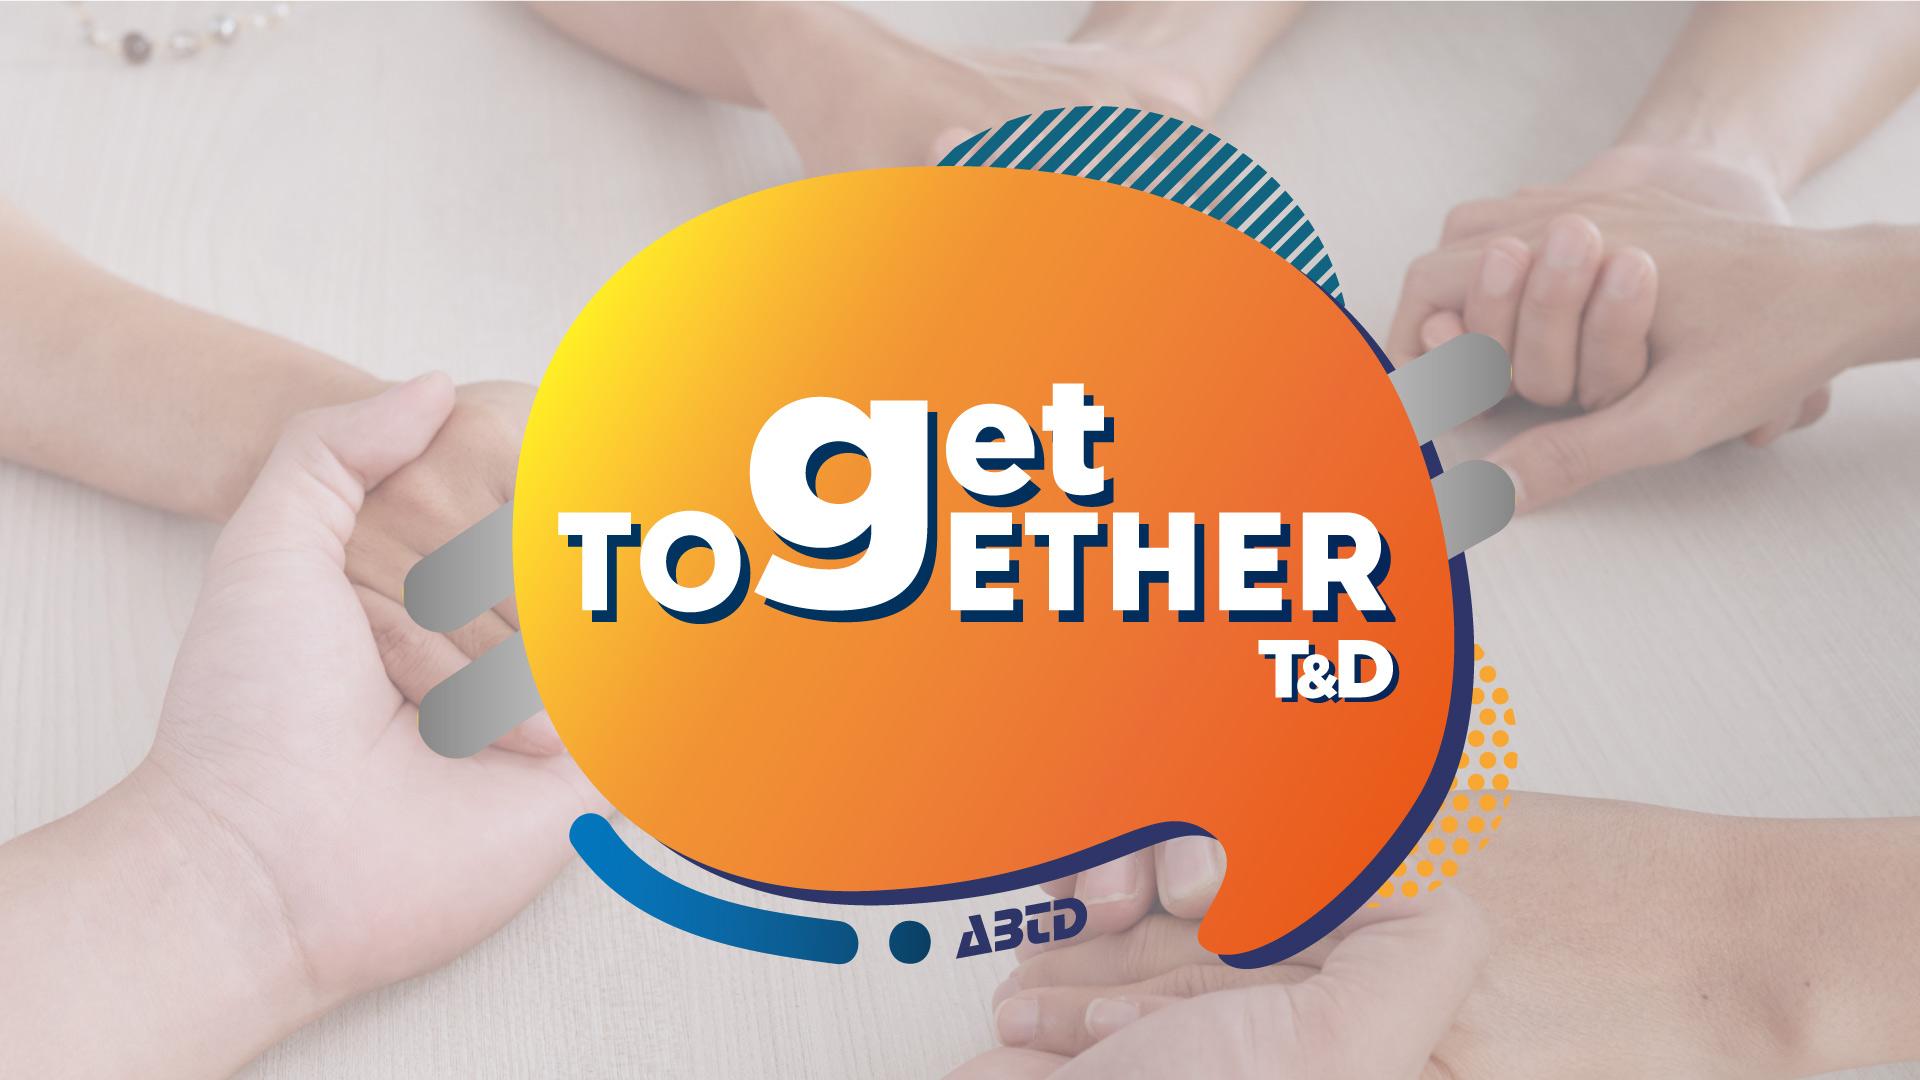 Novidade: Get Together - vamos juntos?